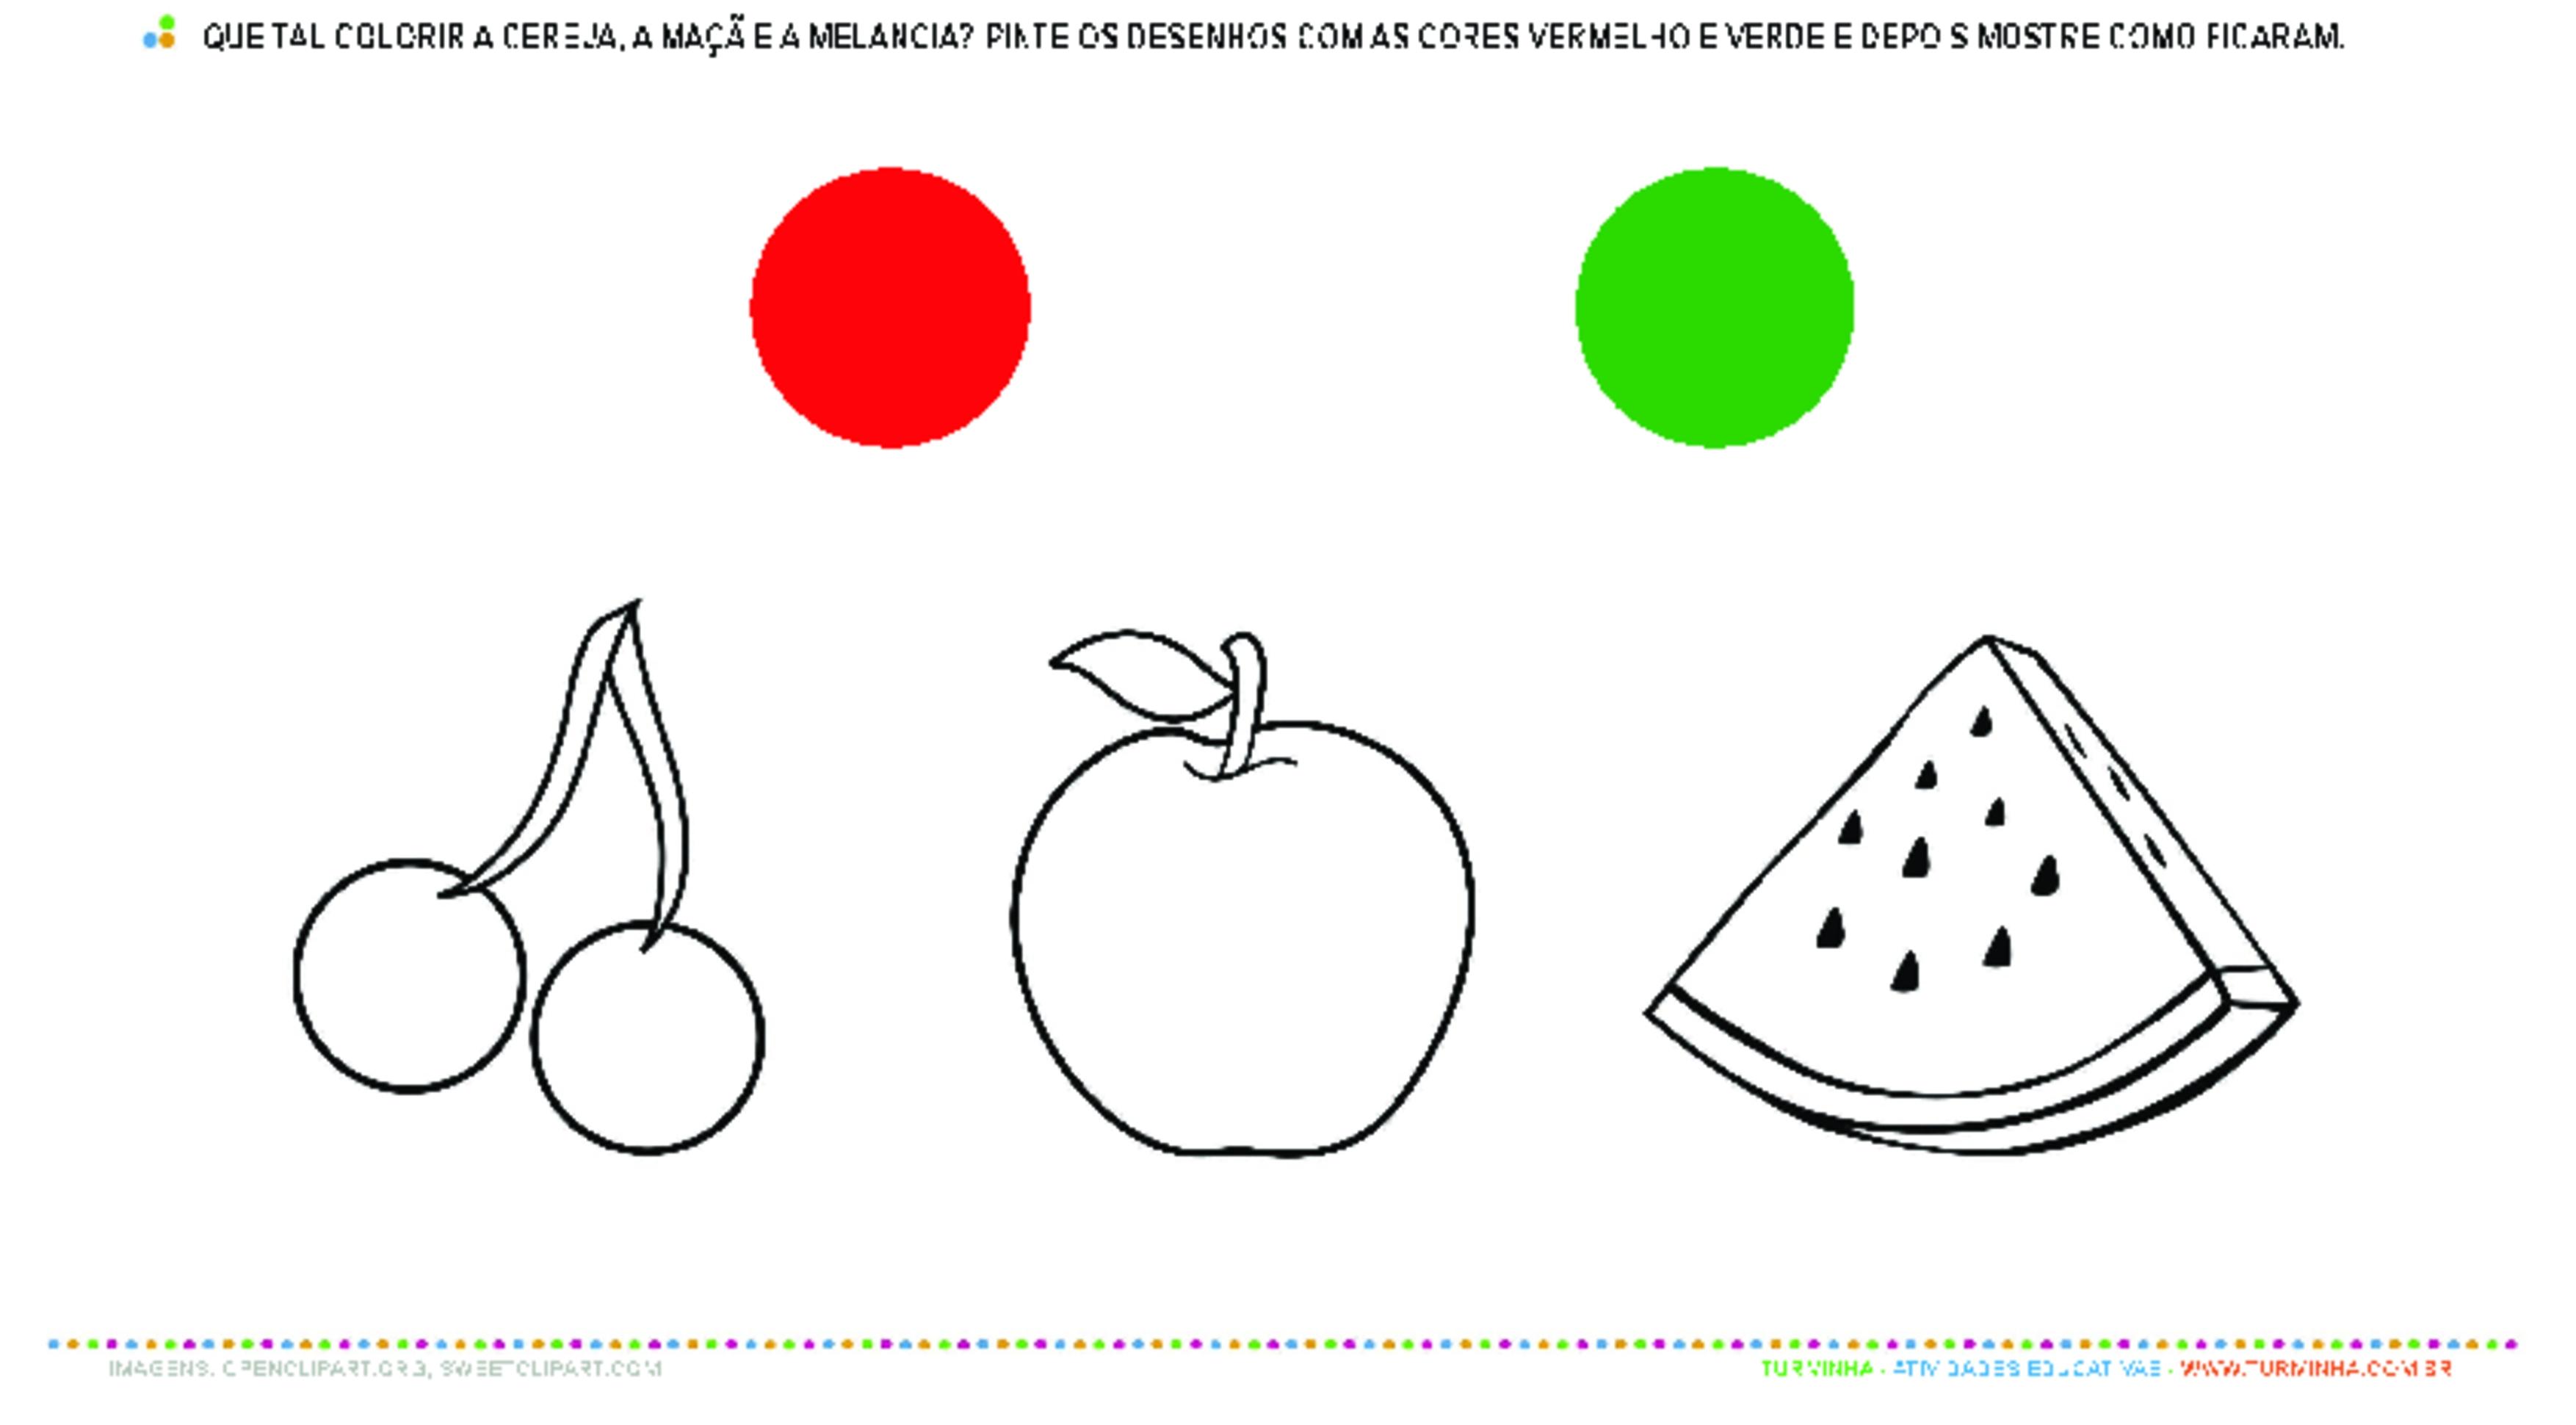 Identificando cores - atividade educativa para Creche (0 a 3 anos)